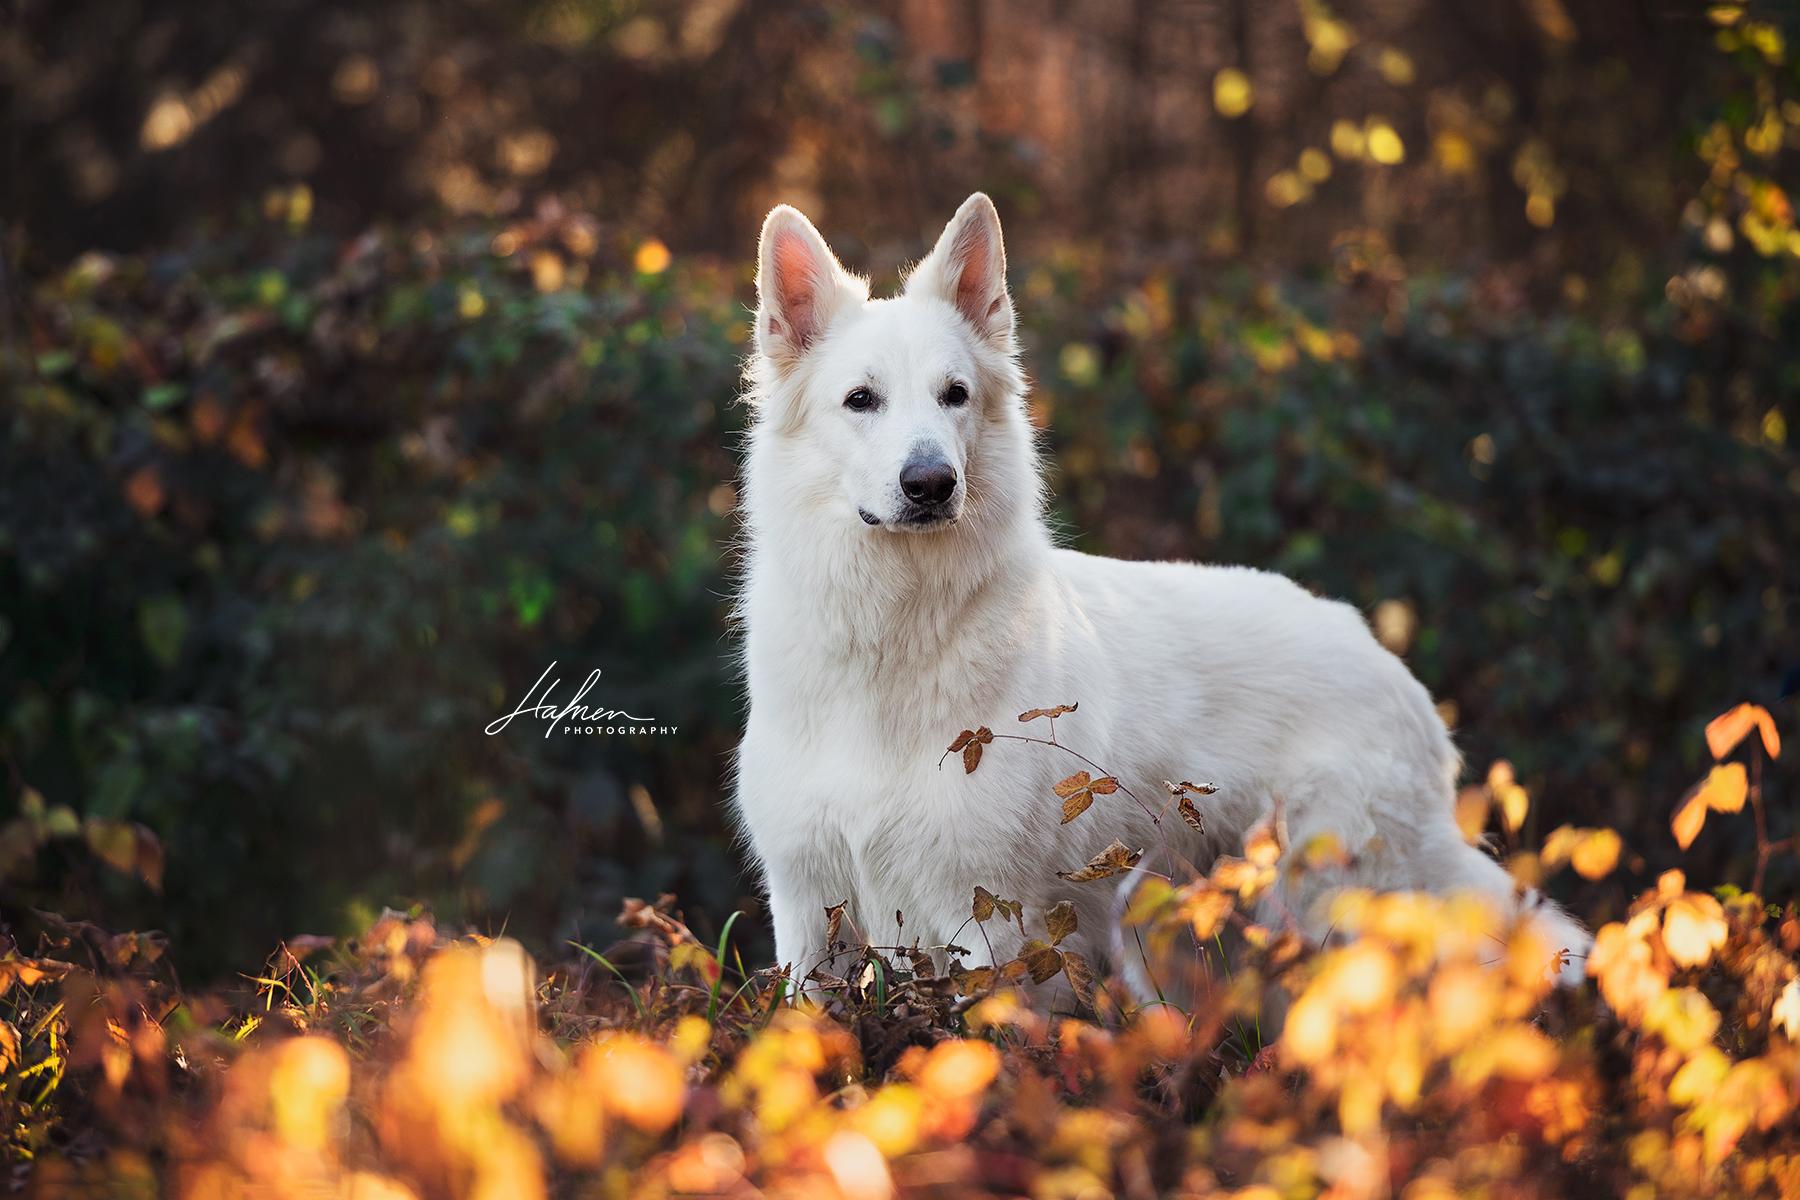 Weisser Schweizer Schafergund Steht Zwischen Bunten Blattern Herbst Hund Bilder Foto Fotografie Fotoshooting Hunde Fotos Hunde Bilder Hundefotos